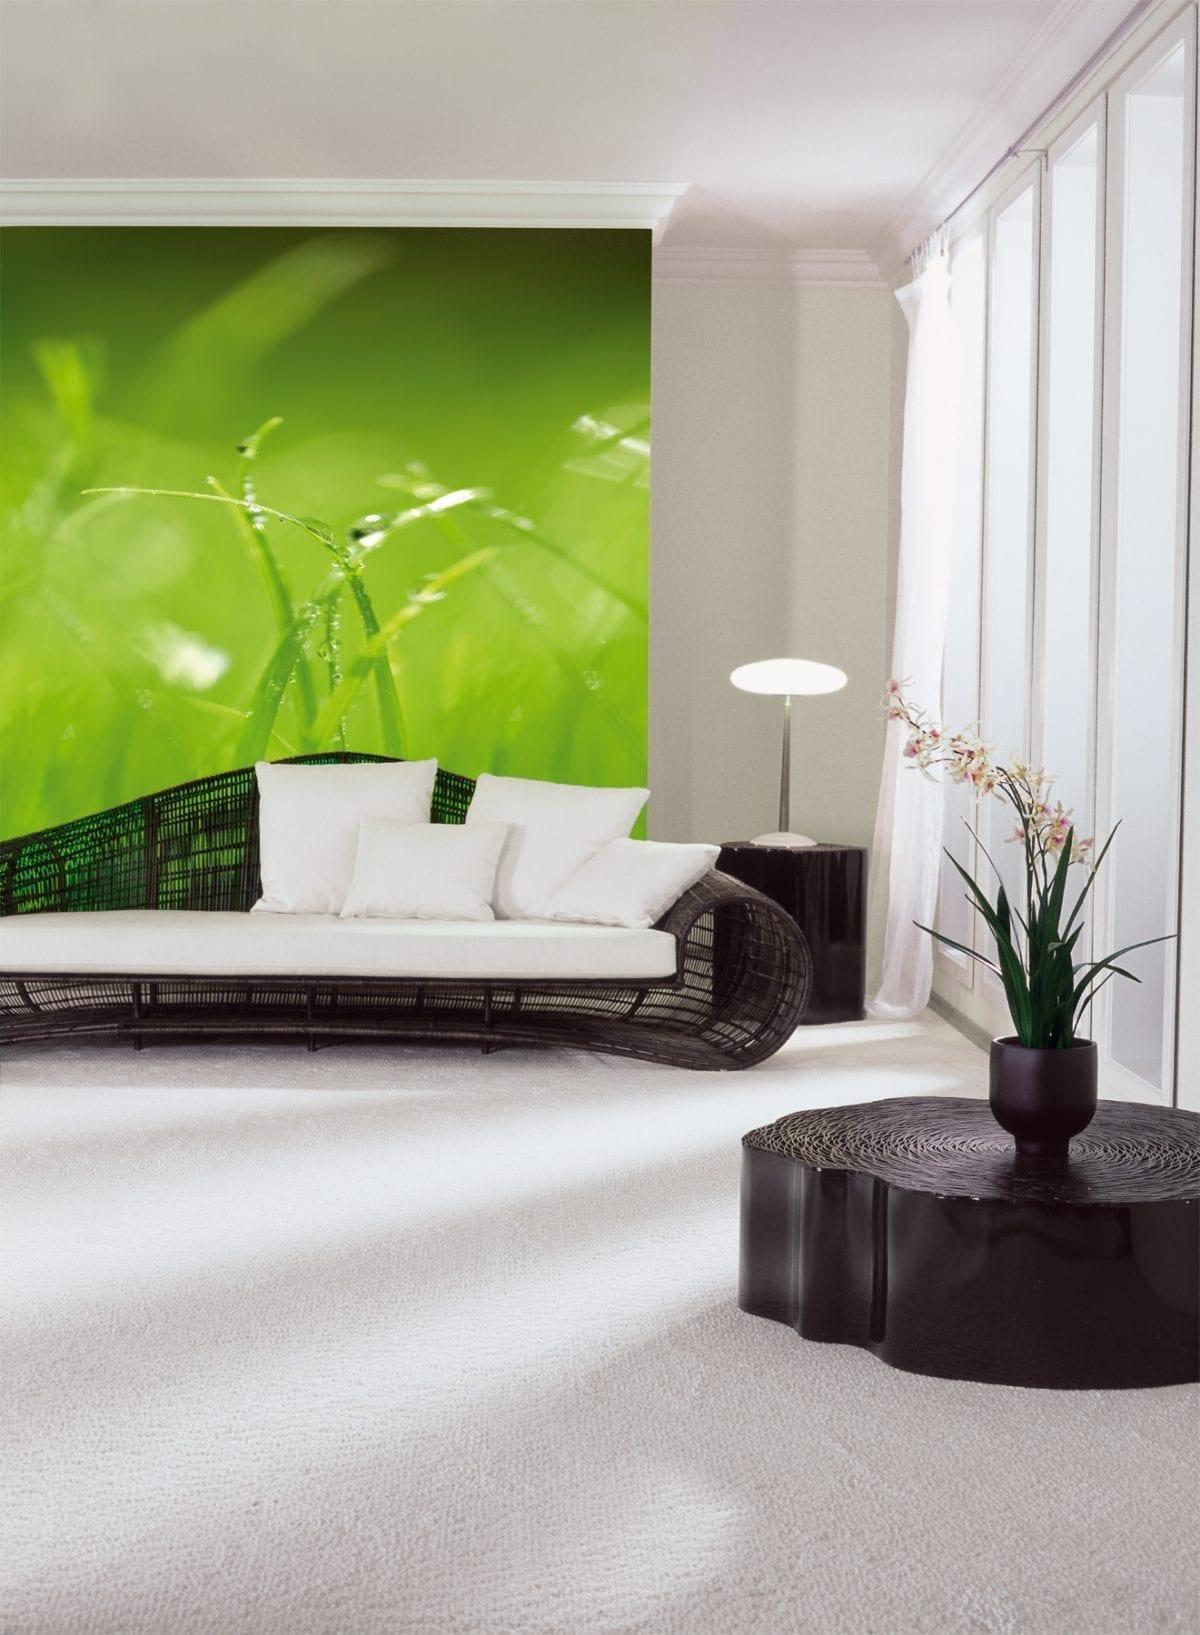 Fotomural Pasto verde 8886 - Komar